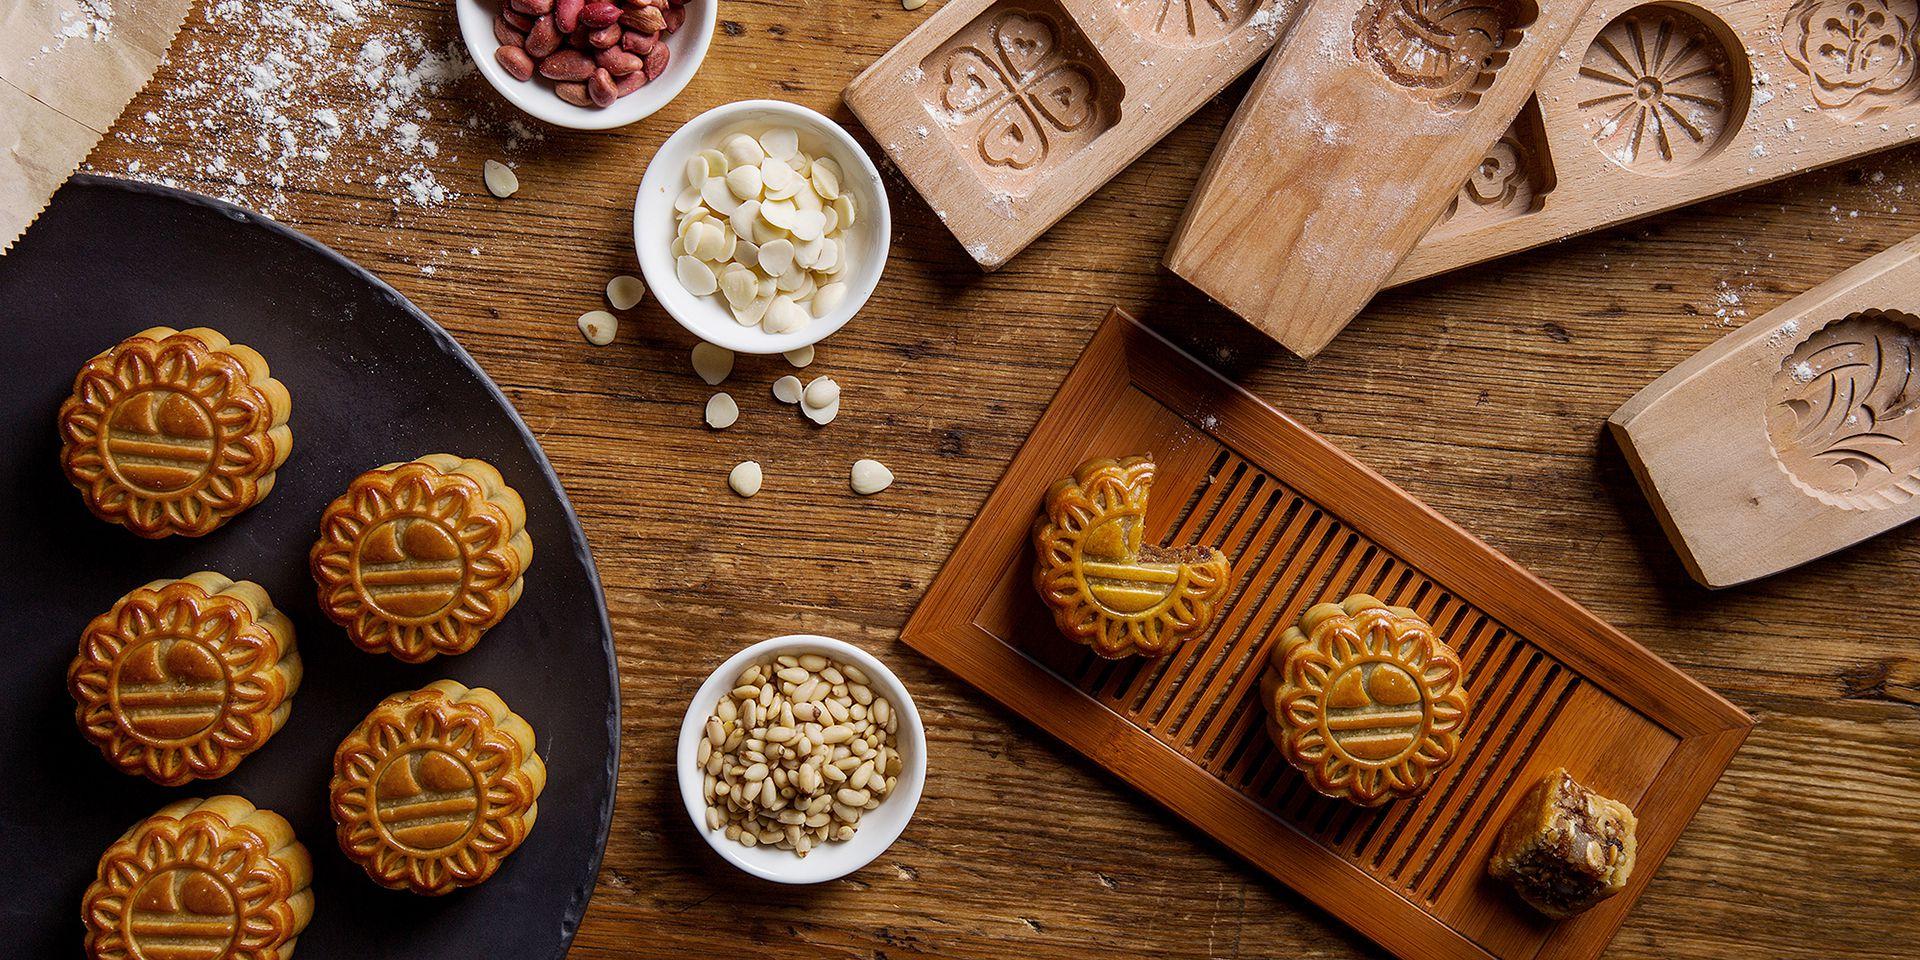 Bánh trung thu làm bằng gỗ